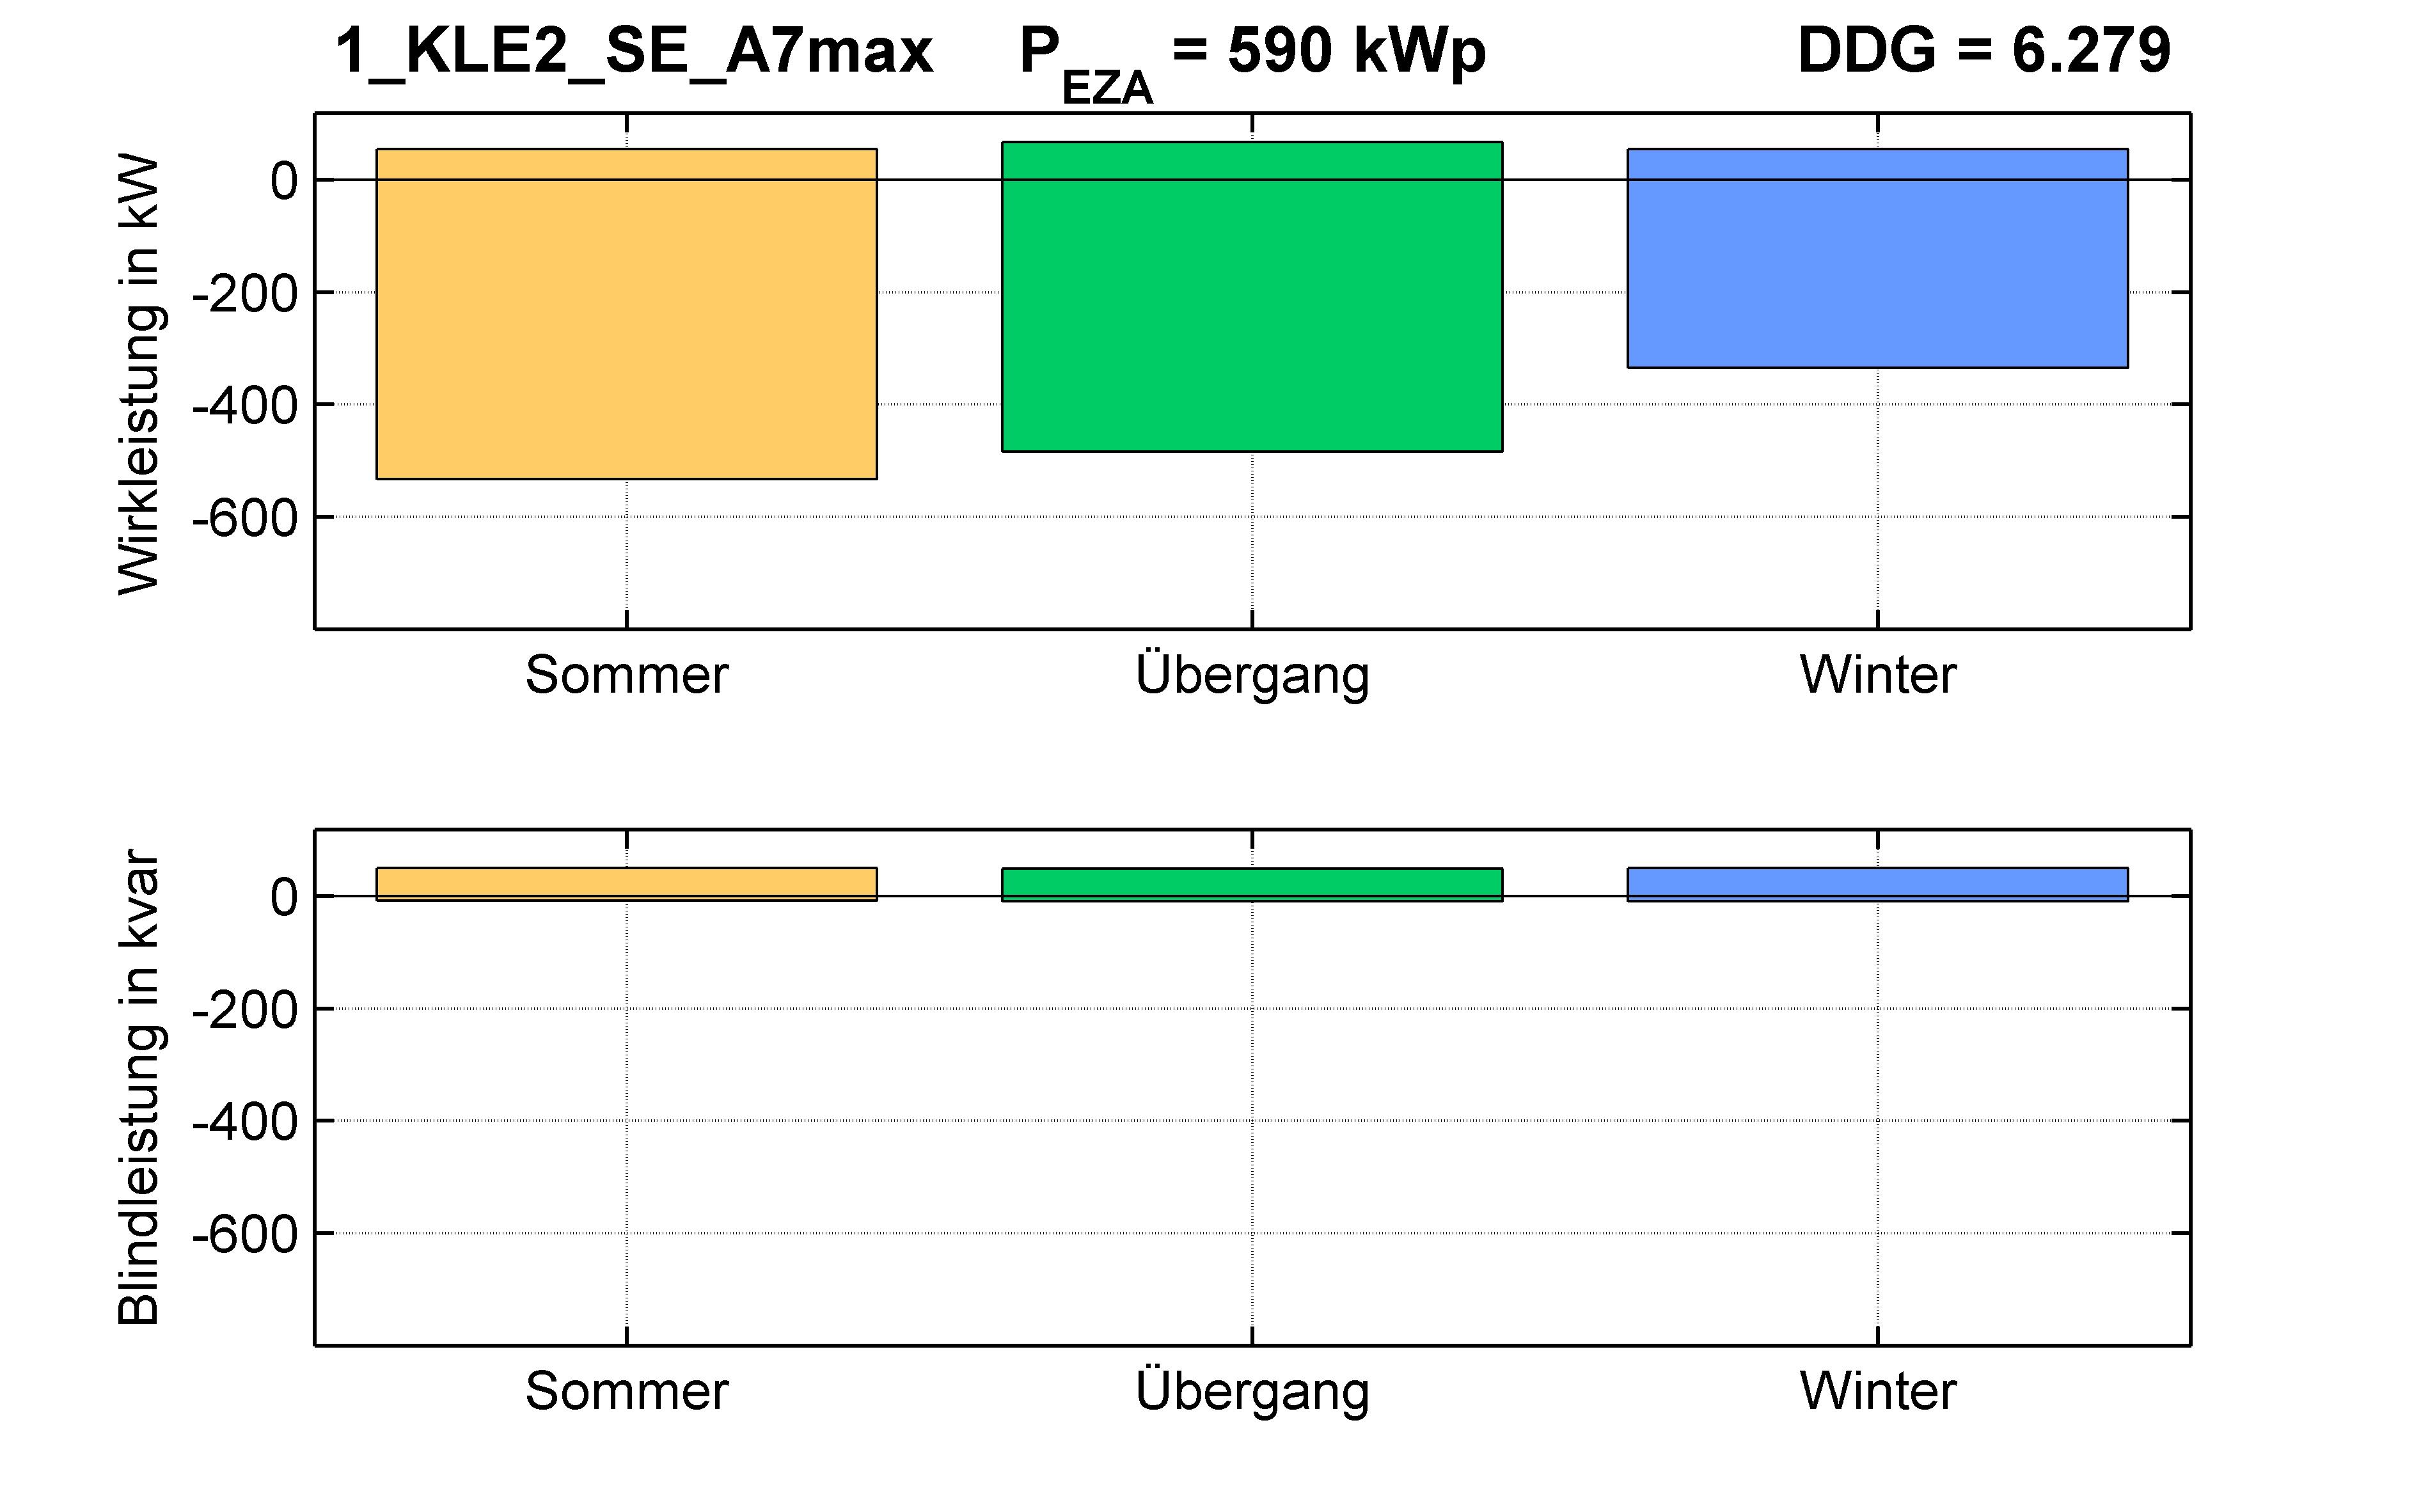 KLE2 | KABEL (SE) A7max | PQ-Bilanz